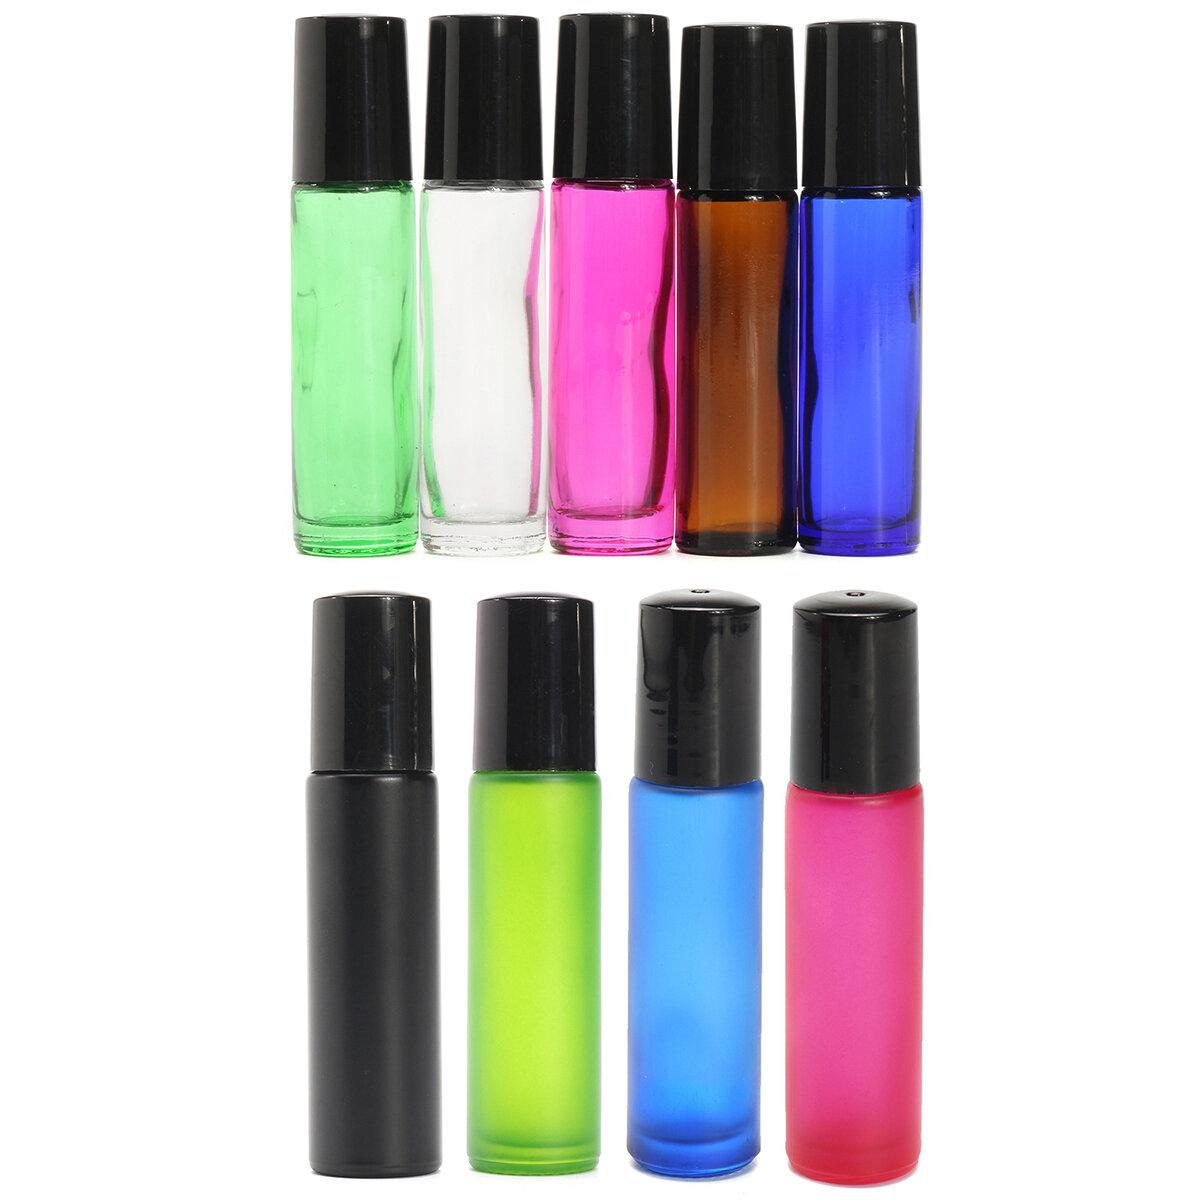 Rotolo glassato vuoto 10Pcs 10ml sulla sfera del rullo delle bottiglie di vetro per gli olii essenziali del profumo